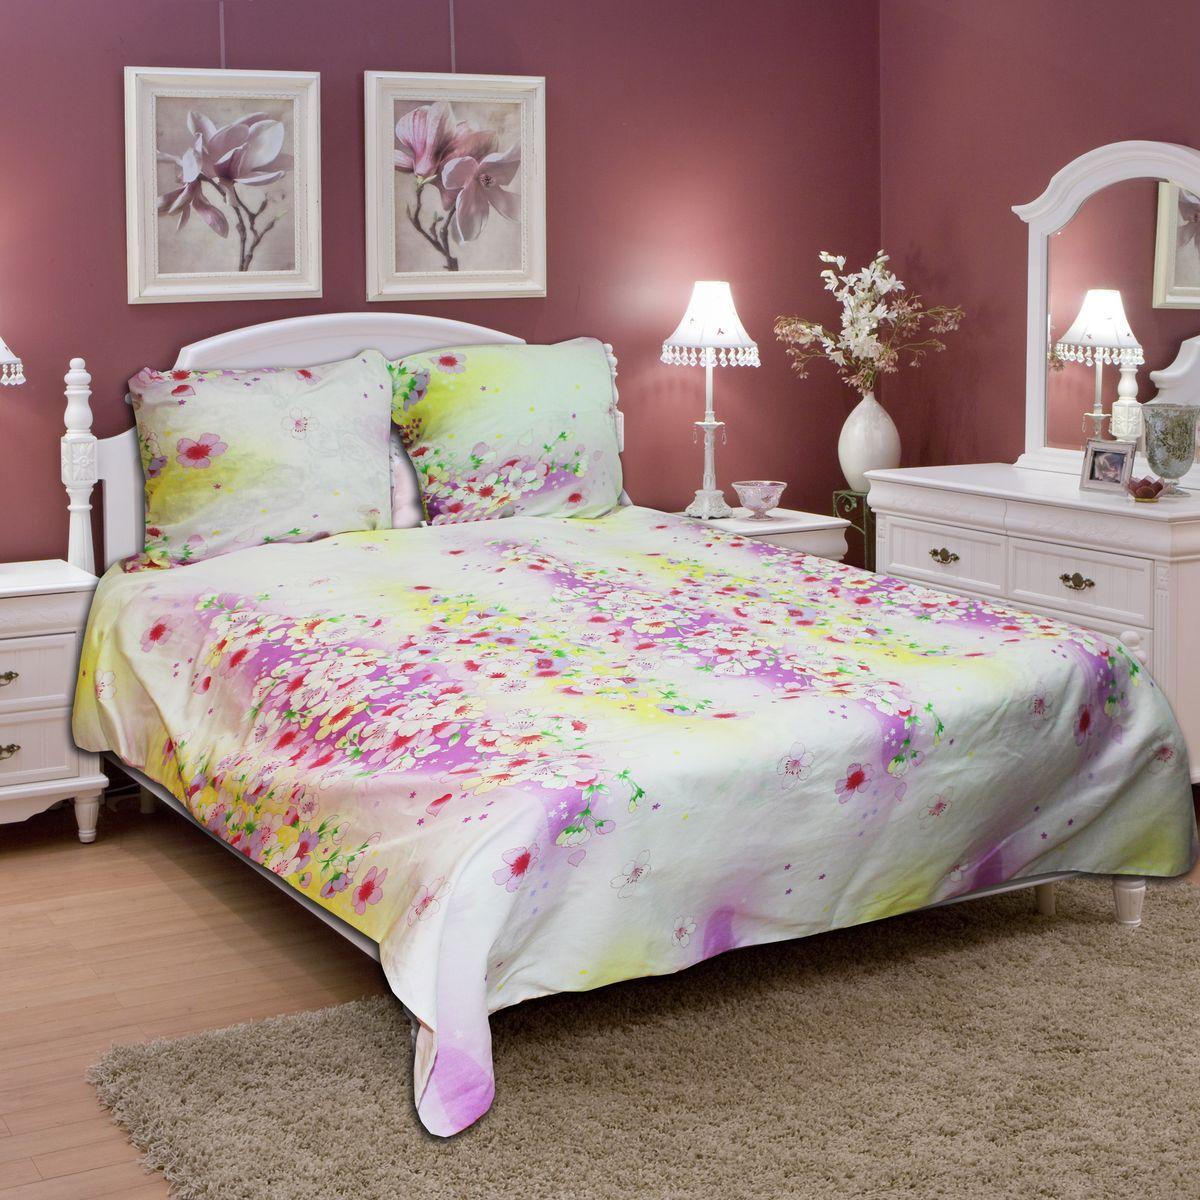 Комплект белья Amore Mio Soft, семейный, наволочки 70х7077751Комплект постельного белья Amore Mio является экологически безопасным для всей семьи, так как выполнен из бязи (100% хлопок). Комплект состоит из двух пододеяльников, простыни и двух наволочек. Постельное белье оформлено оригинальным рисунком и имеет изысканный внешний вид. Легкая, плотная, мягкая ткань отлично стирается, гладится, быстро сохнет. Рекомендации по уходу: Химчистка и отбеливание запрещены. Рекомендуется стирка в прохладной воде при температуре не выше 30°С.